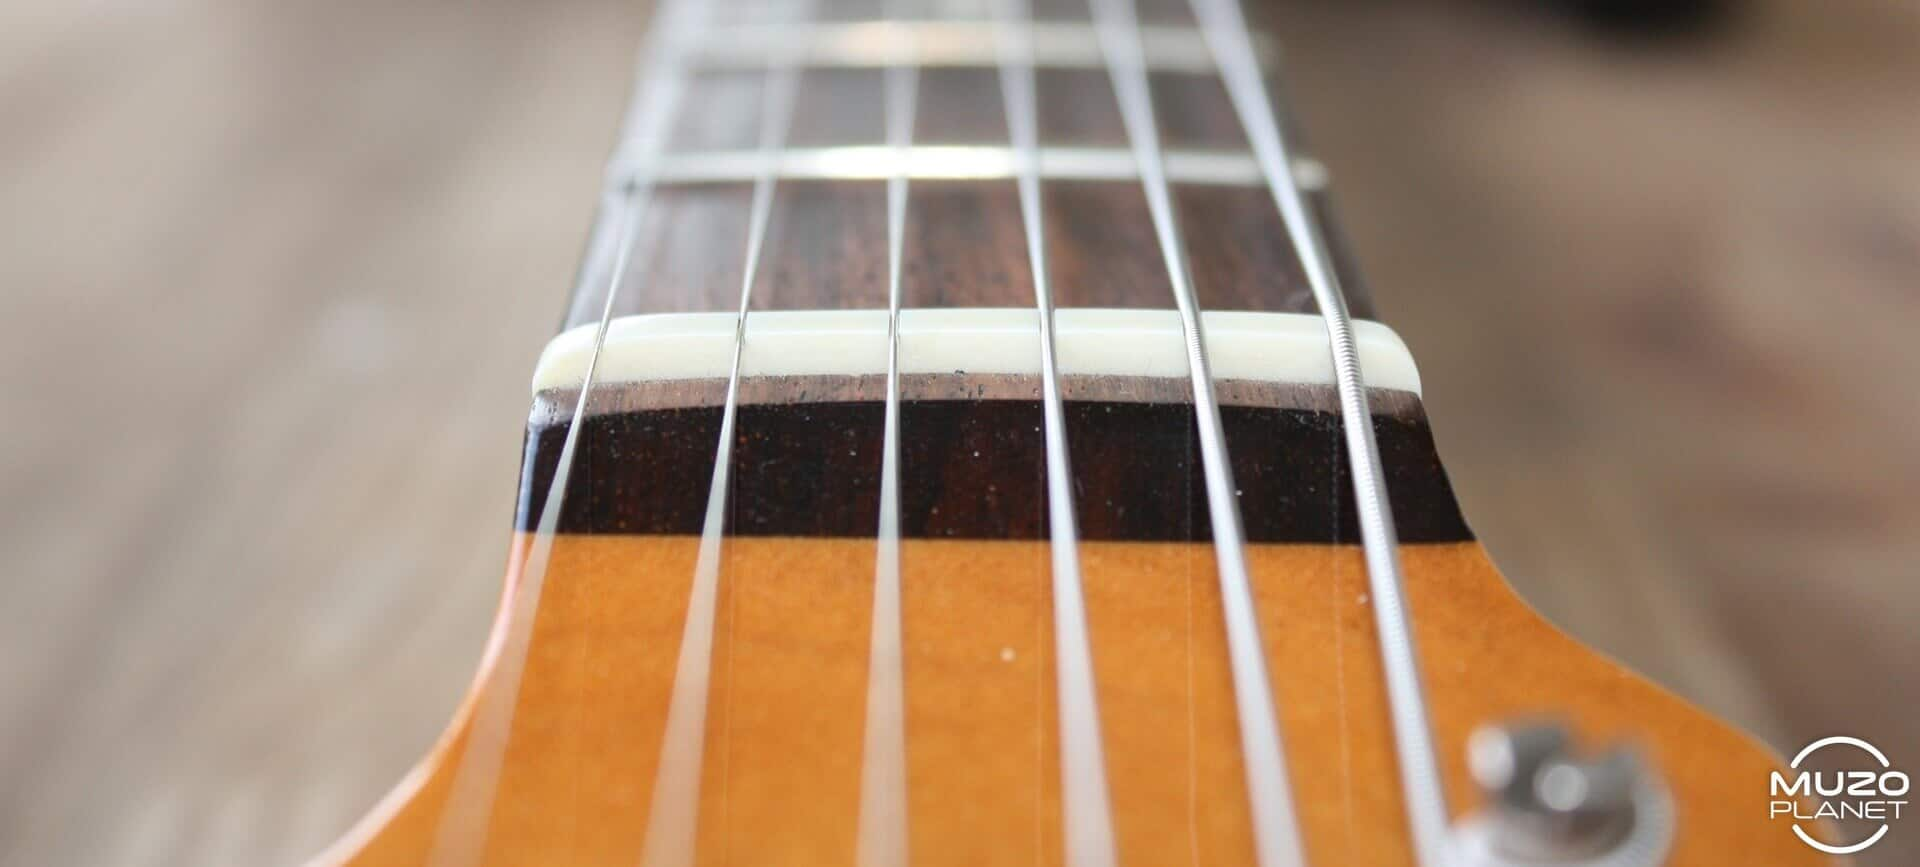 Stratocaster mods bone nut muzoplanet